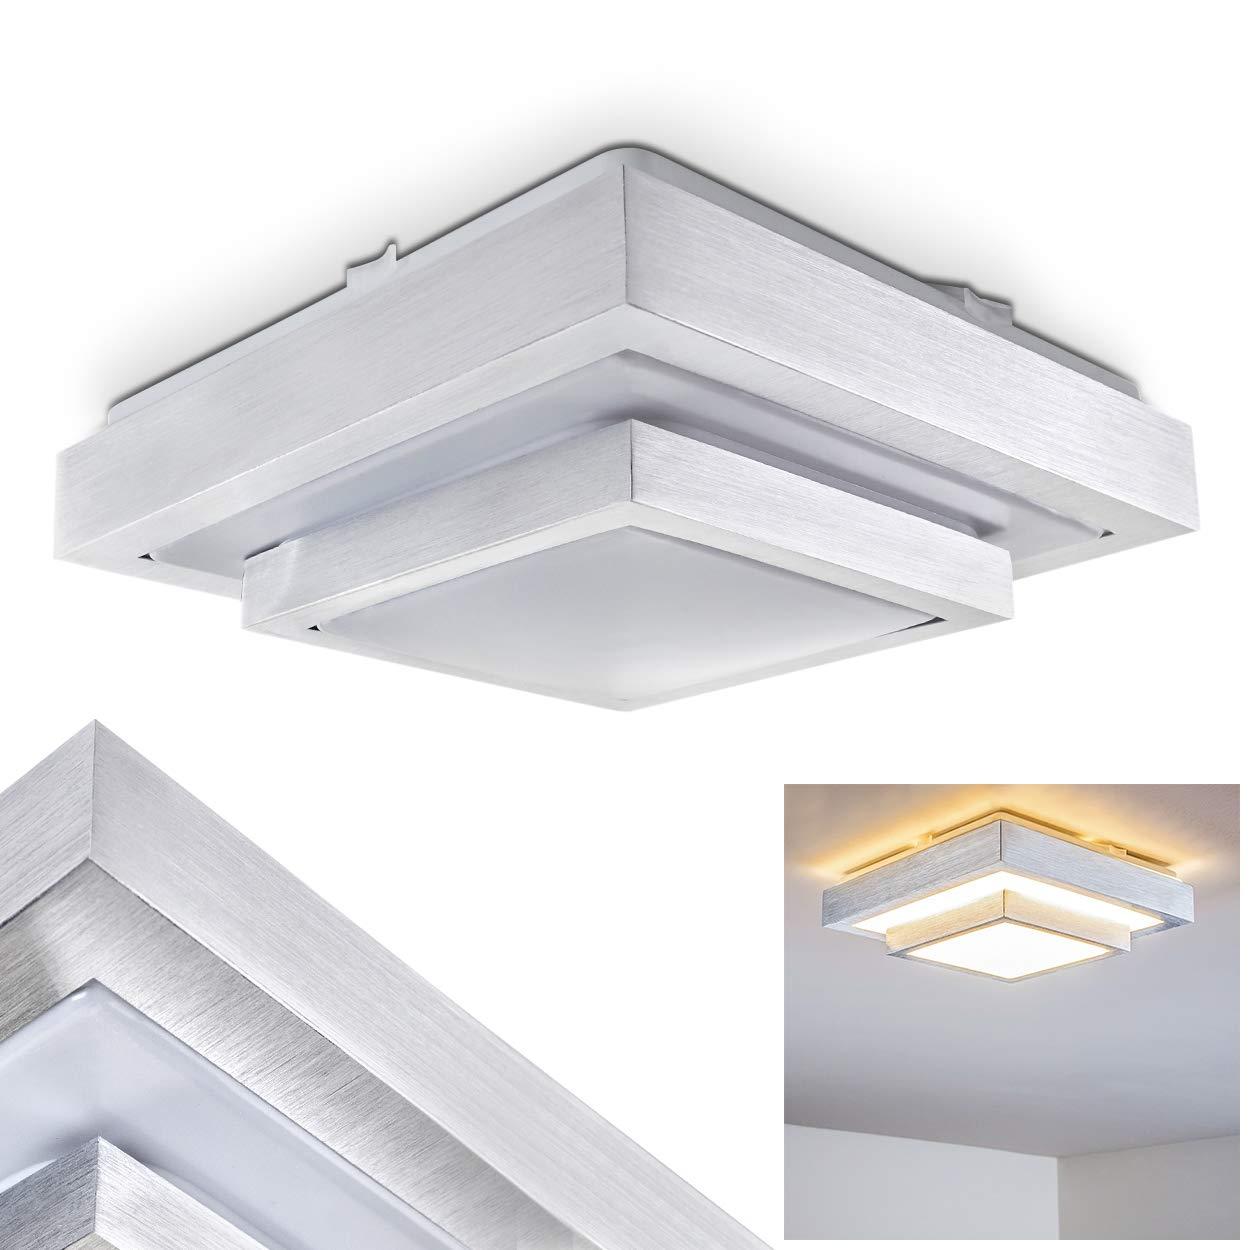 Badezimmer Lampe. Cheap Bad Led Beleuchtung Dusche